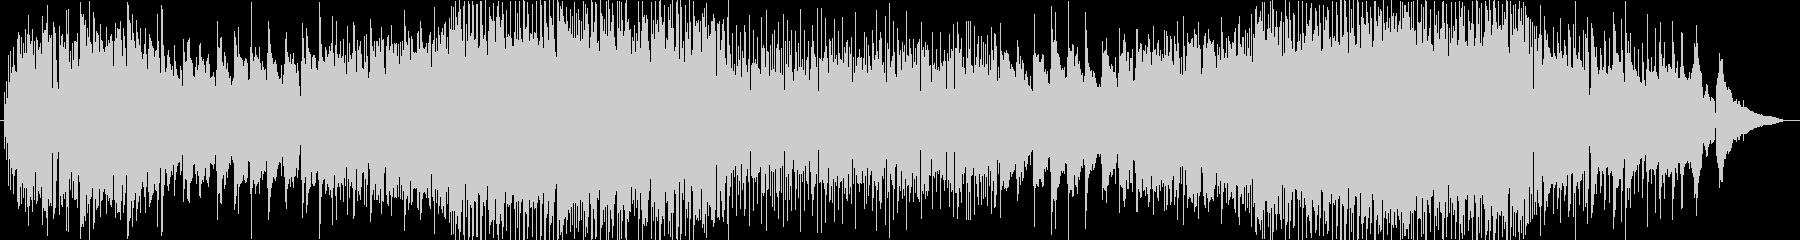 エンディングを飾るバイオリンPOPSの未再生の波形